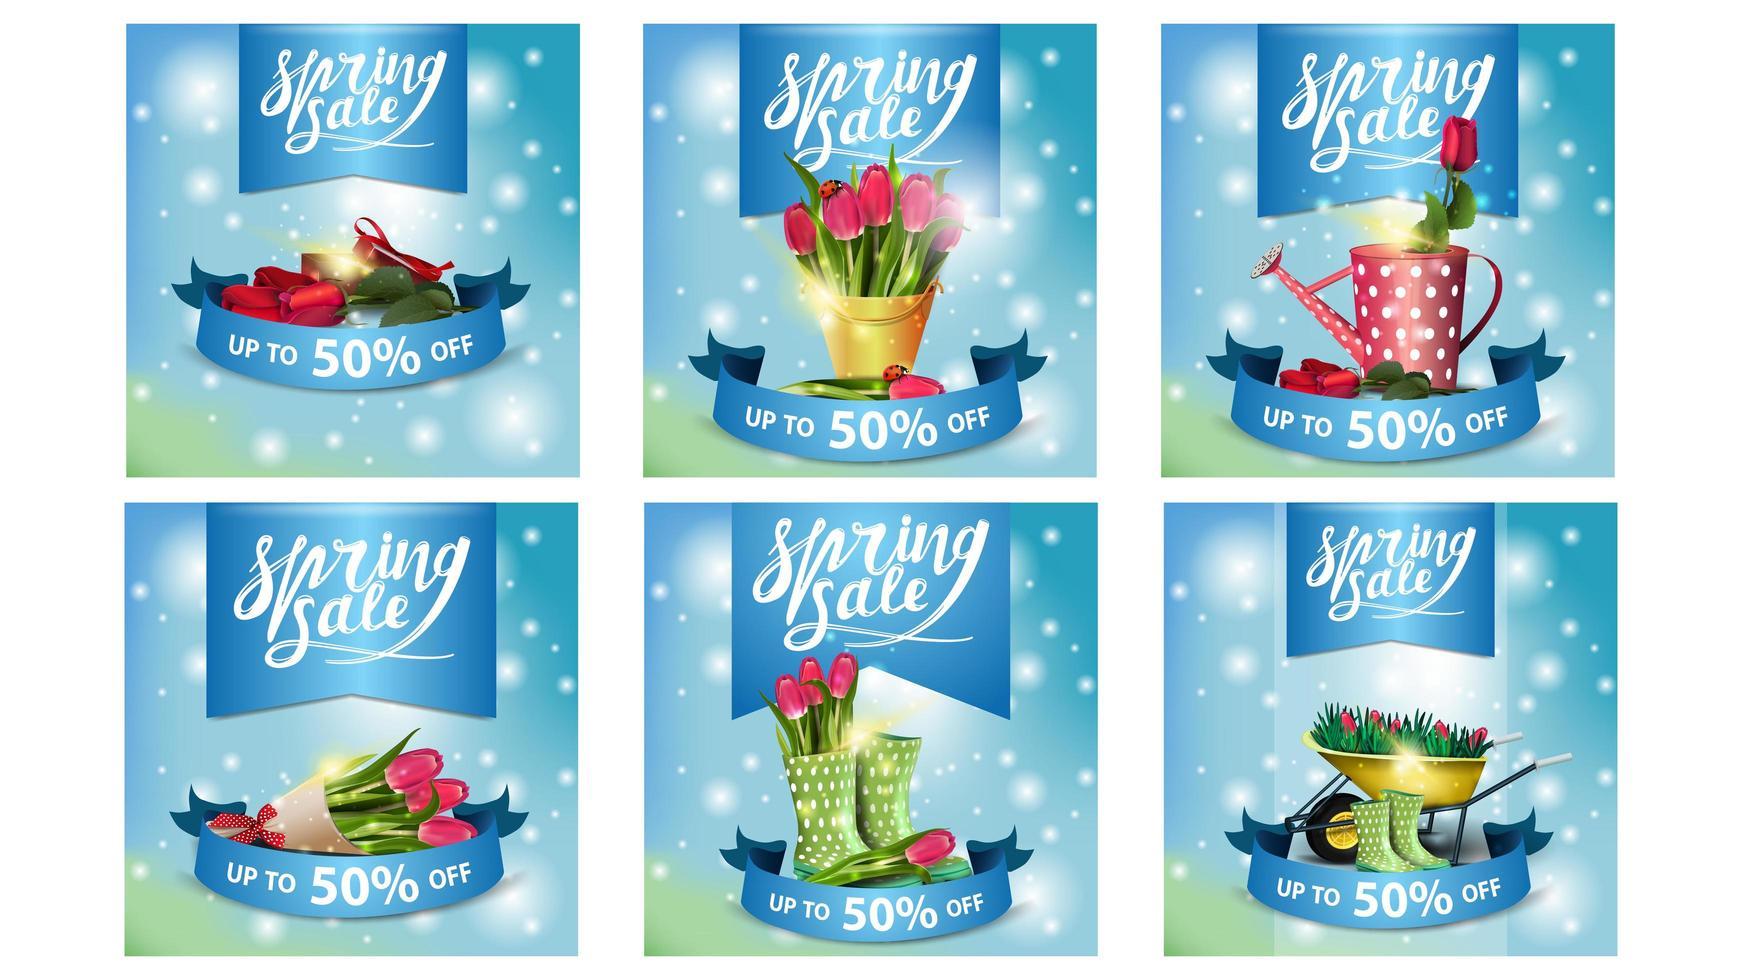 vente de printemps rougeoyant bannières carrées bleues vecteur